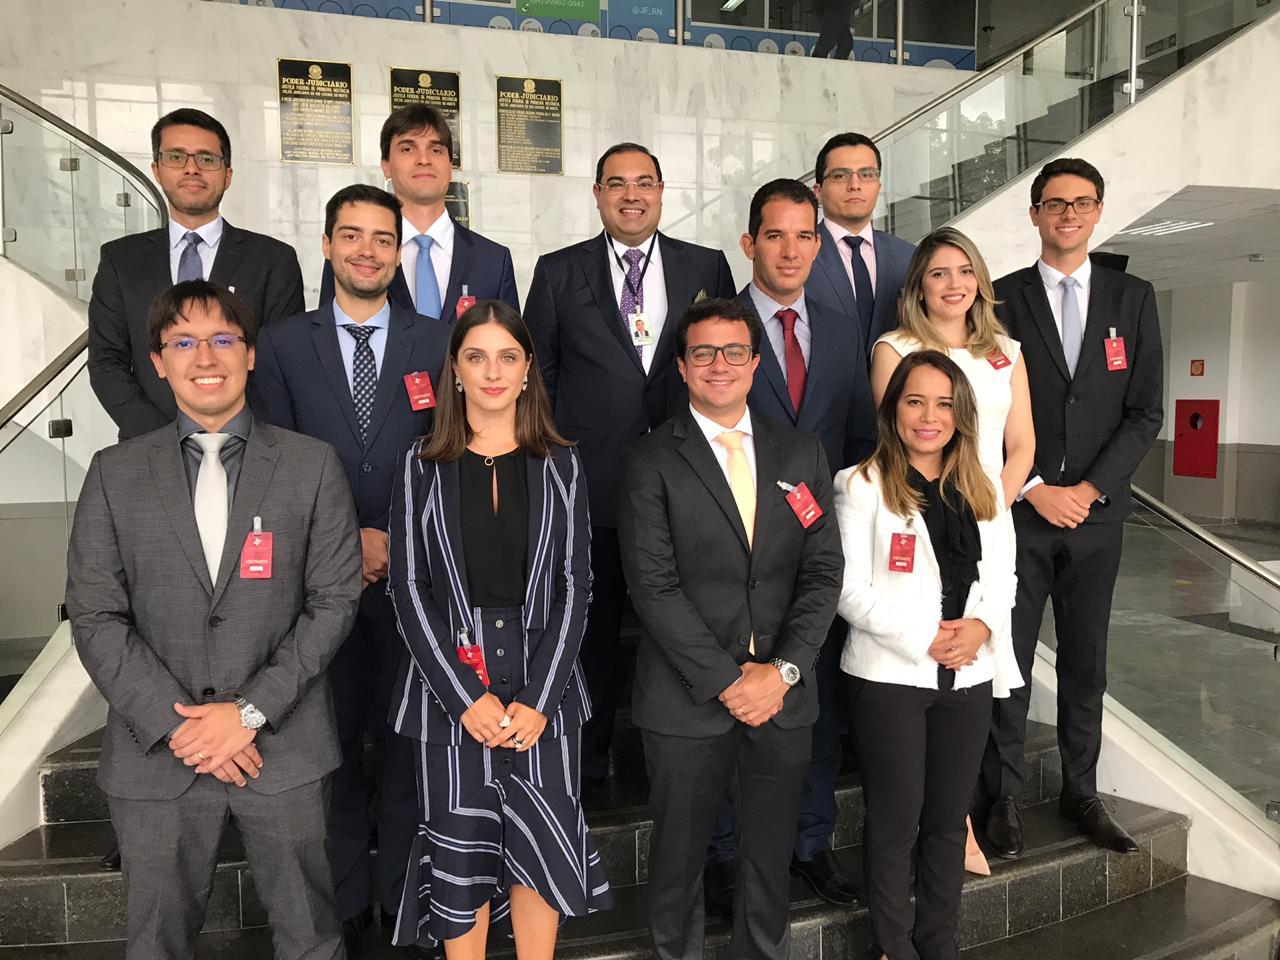 Novos Juízes Federais da 5ª Região visitam à JFRN